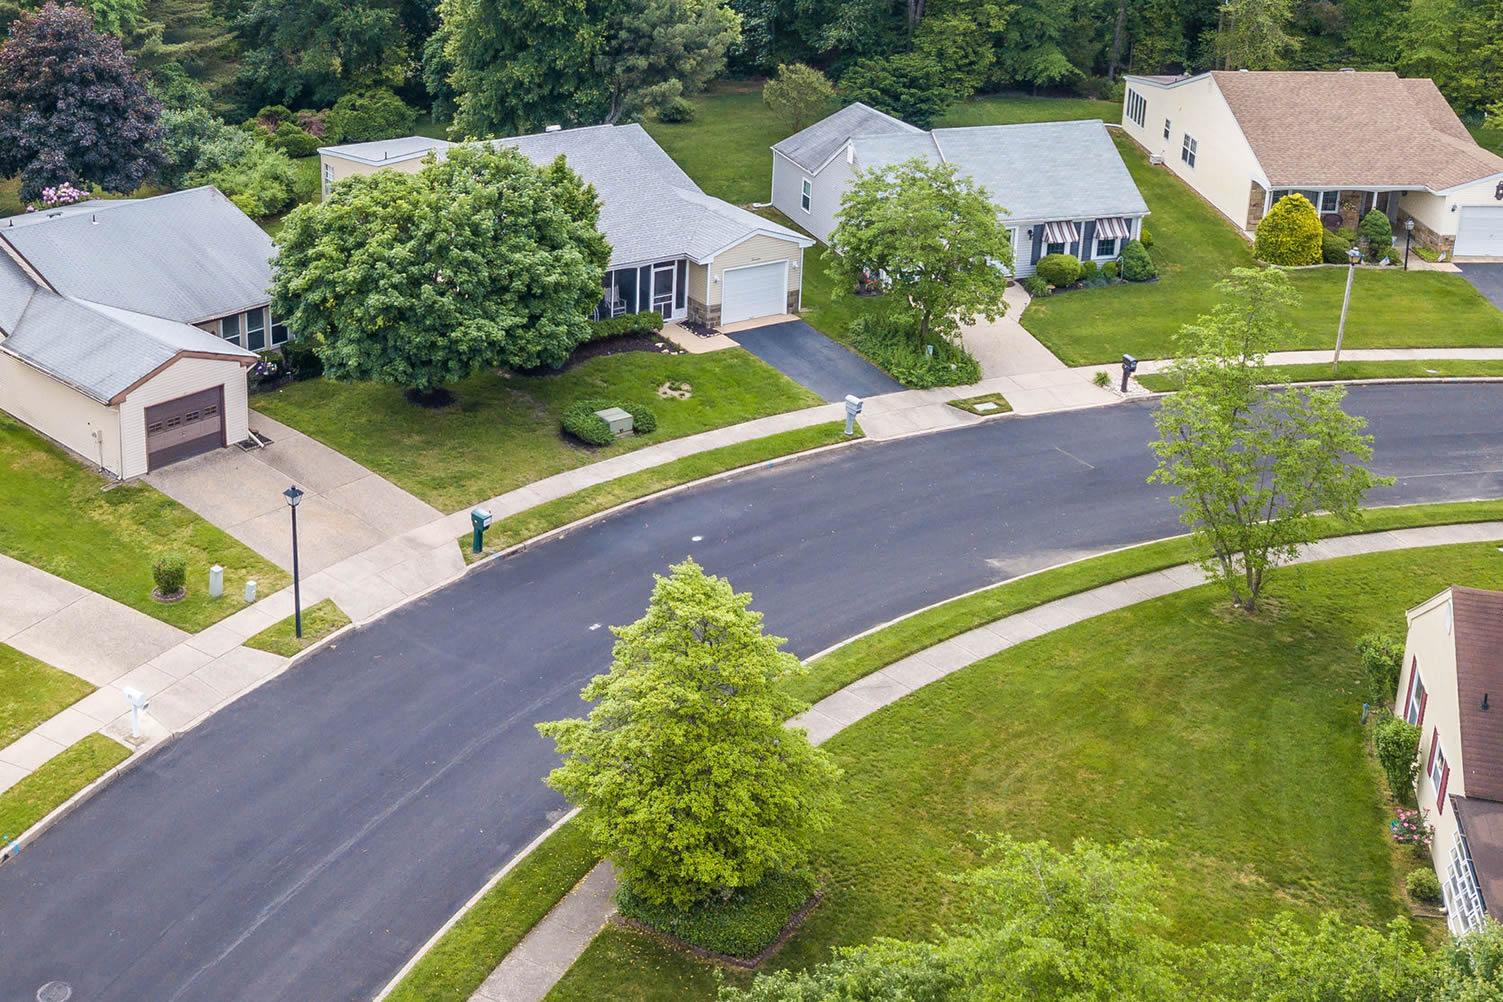 asphlat driveway